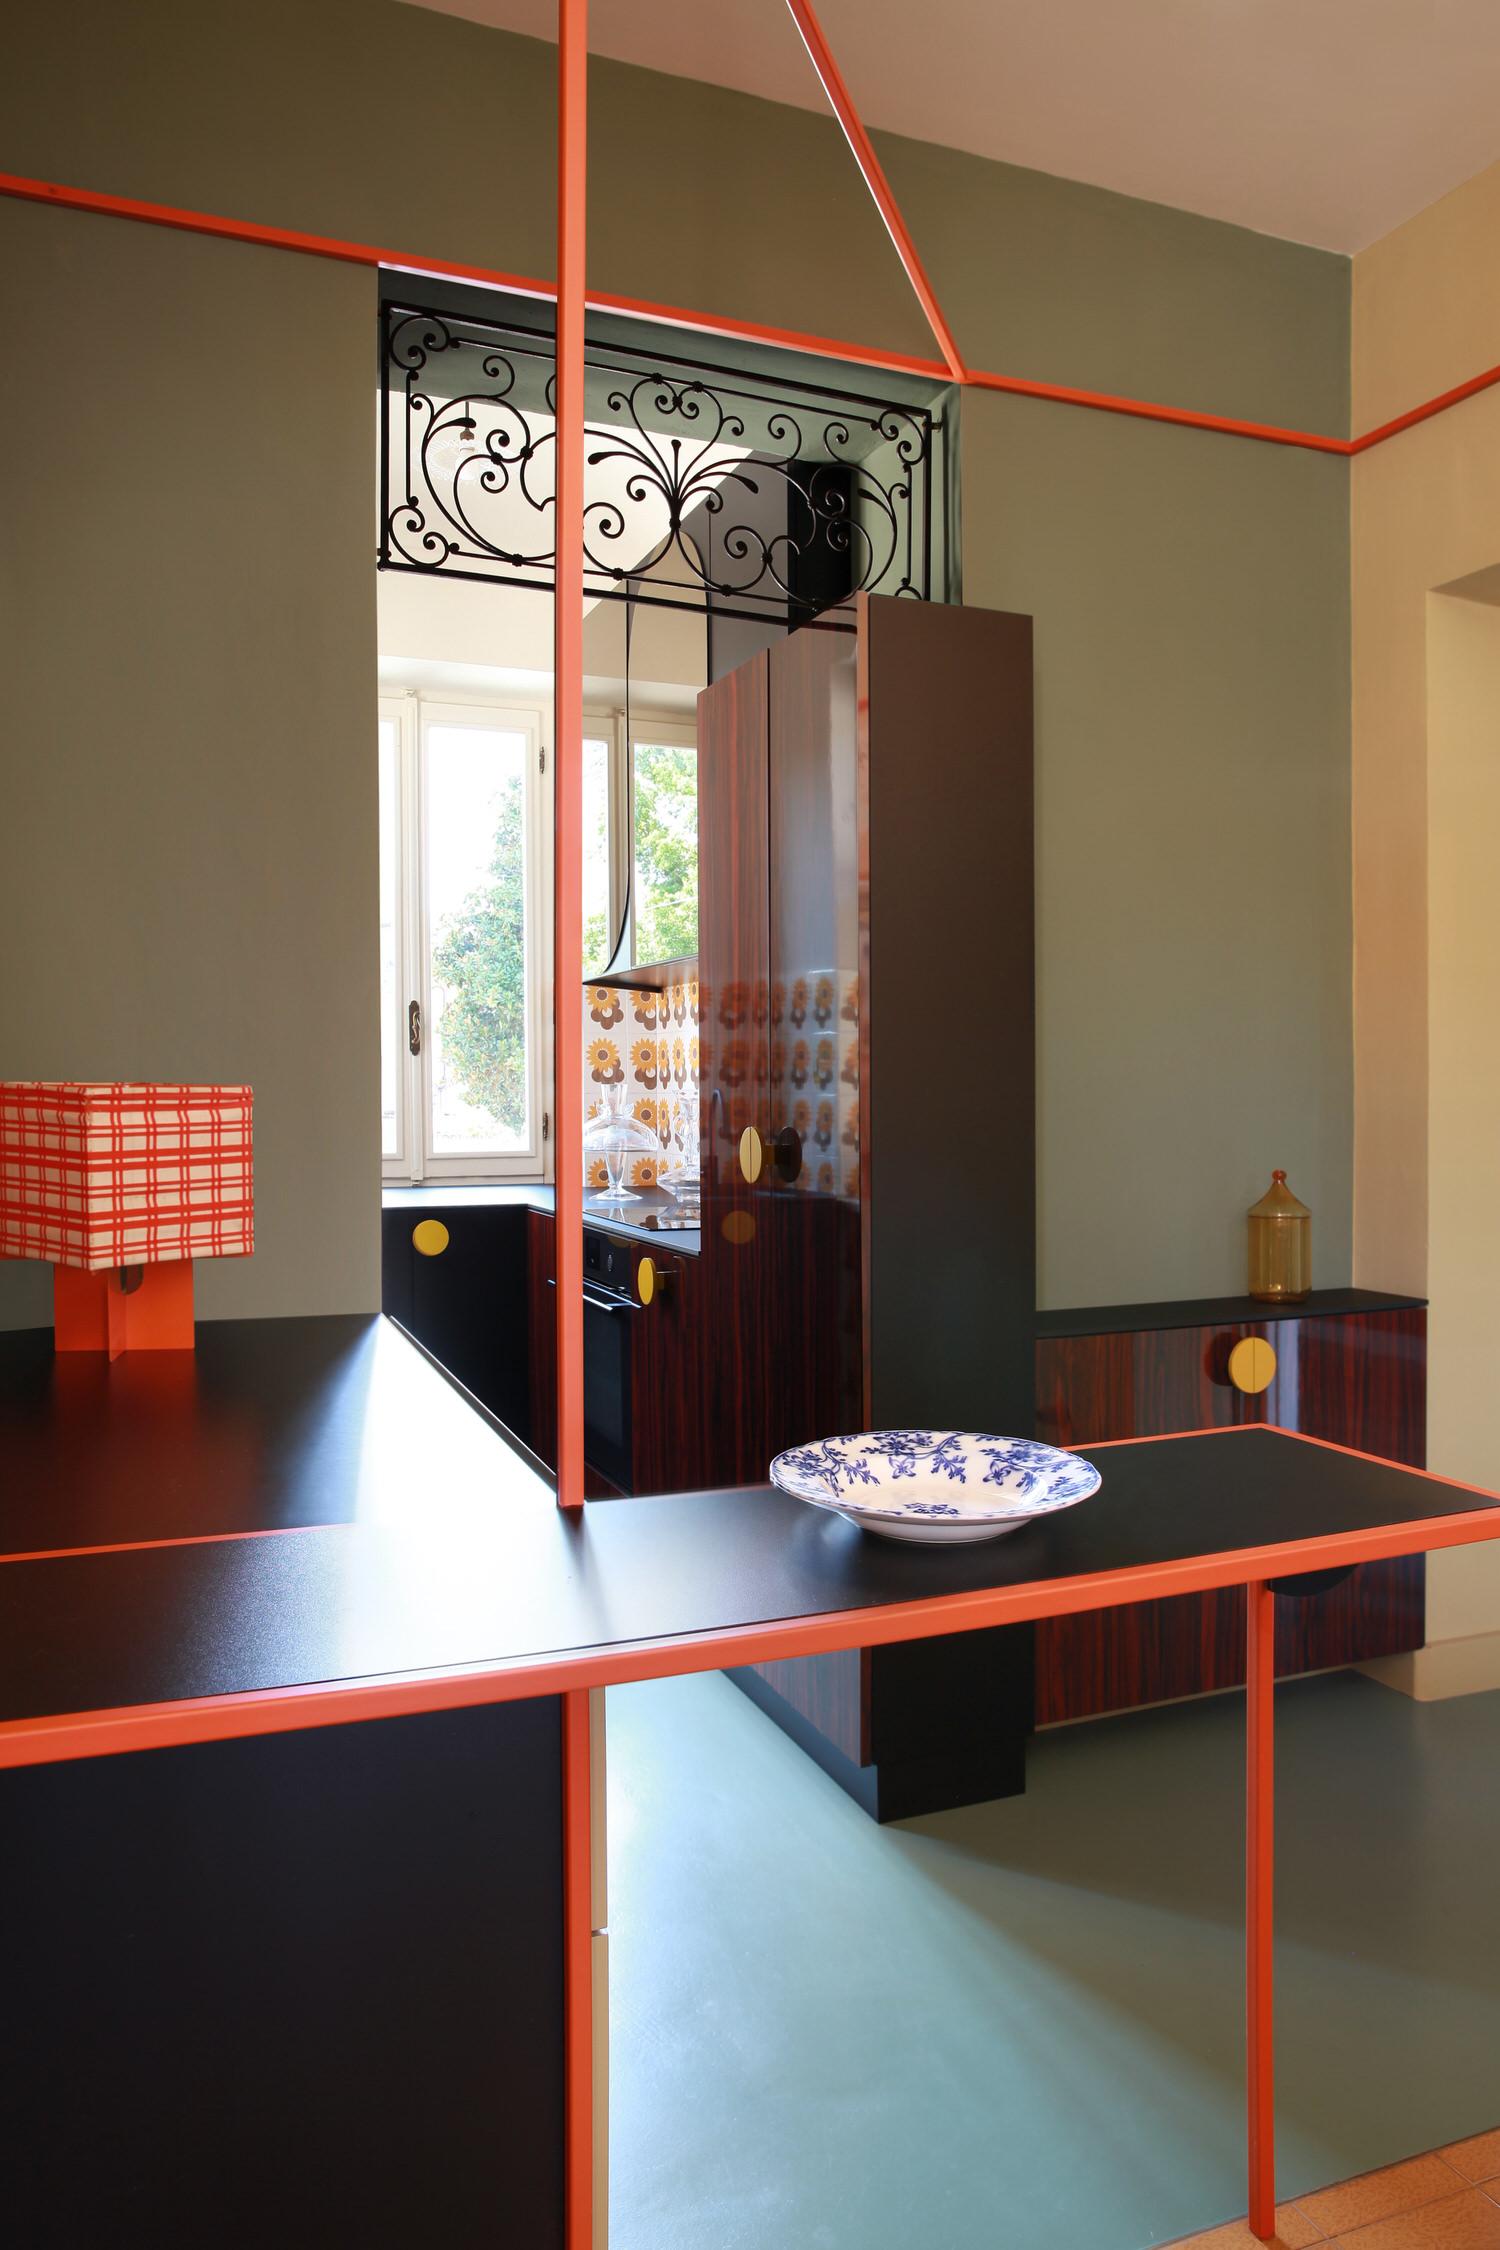 Marcante Testa Private House Renovation Cavallermaggiore Photo Carola Ripamonti Yellowtrace 18